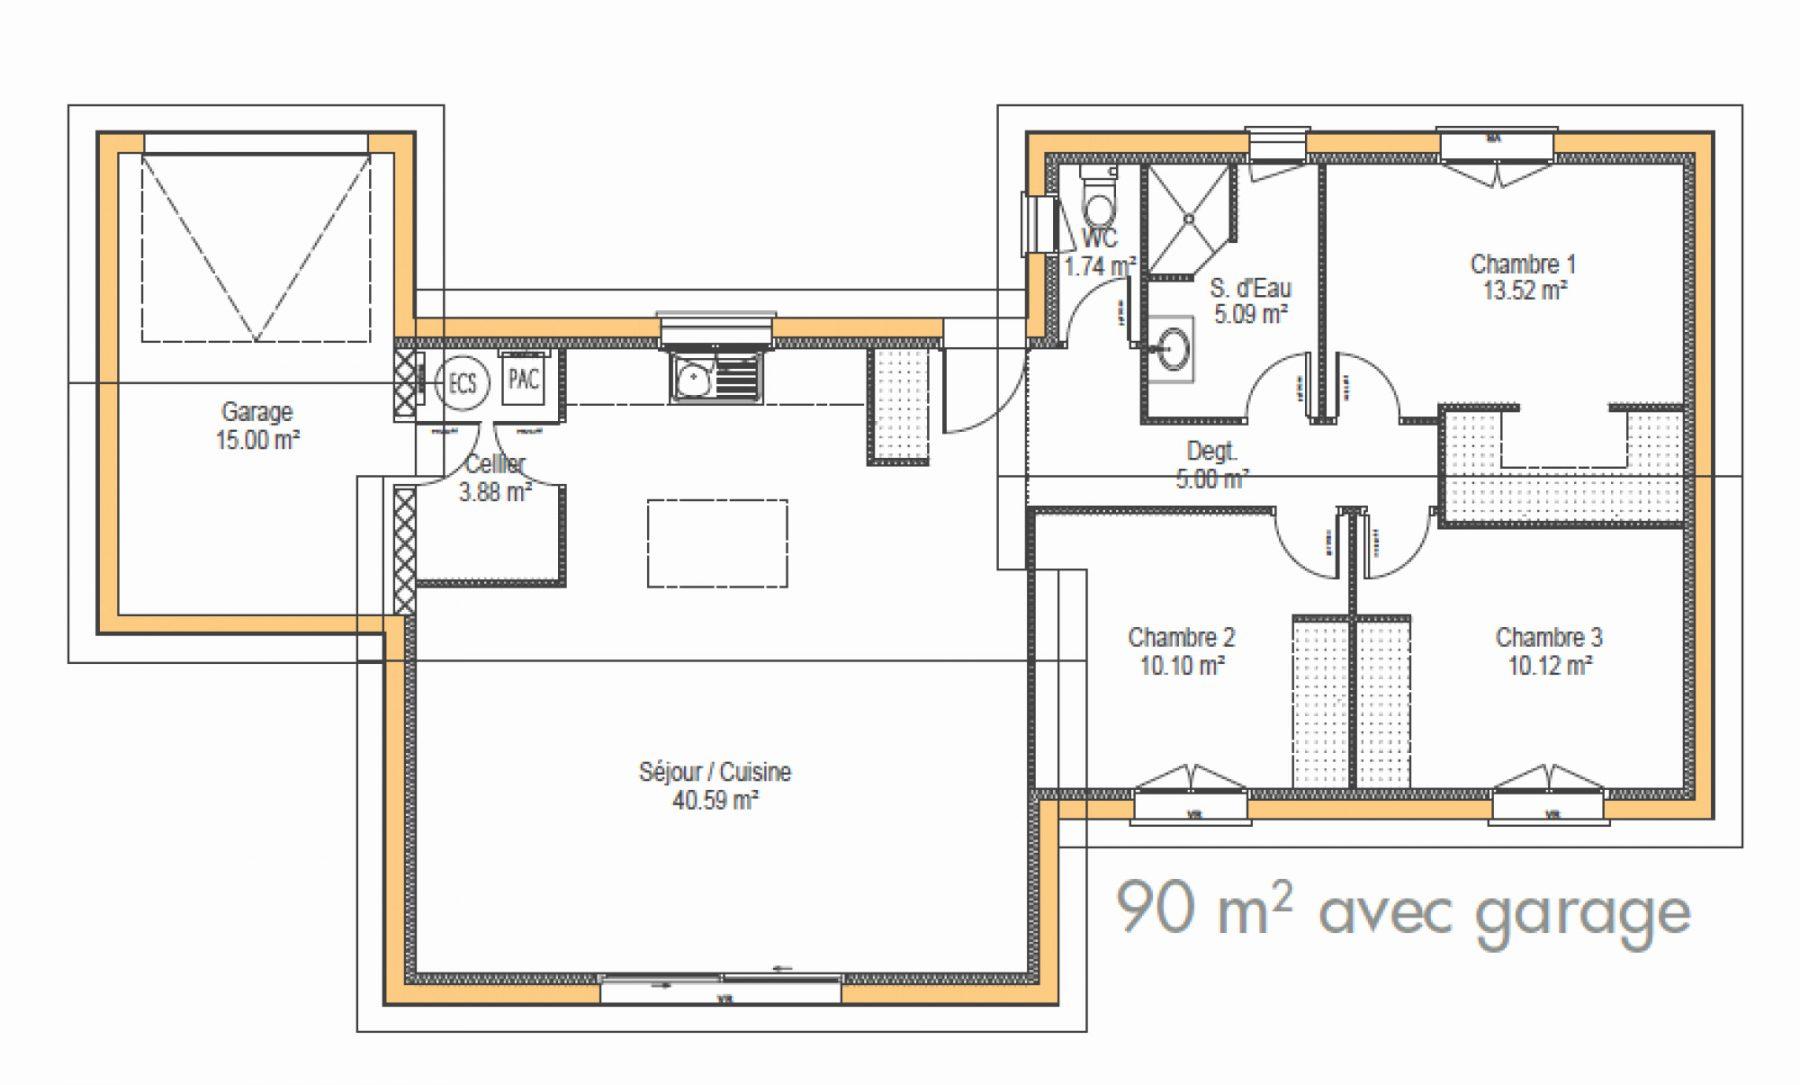 Logiciel pour dessiner les plan de sa maison id es de - Logiciel pour dessiner plan de maison ...